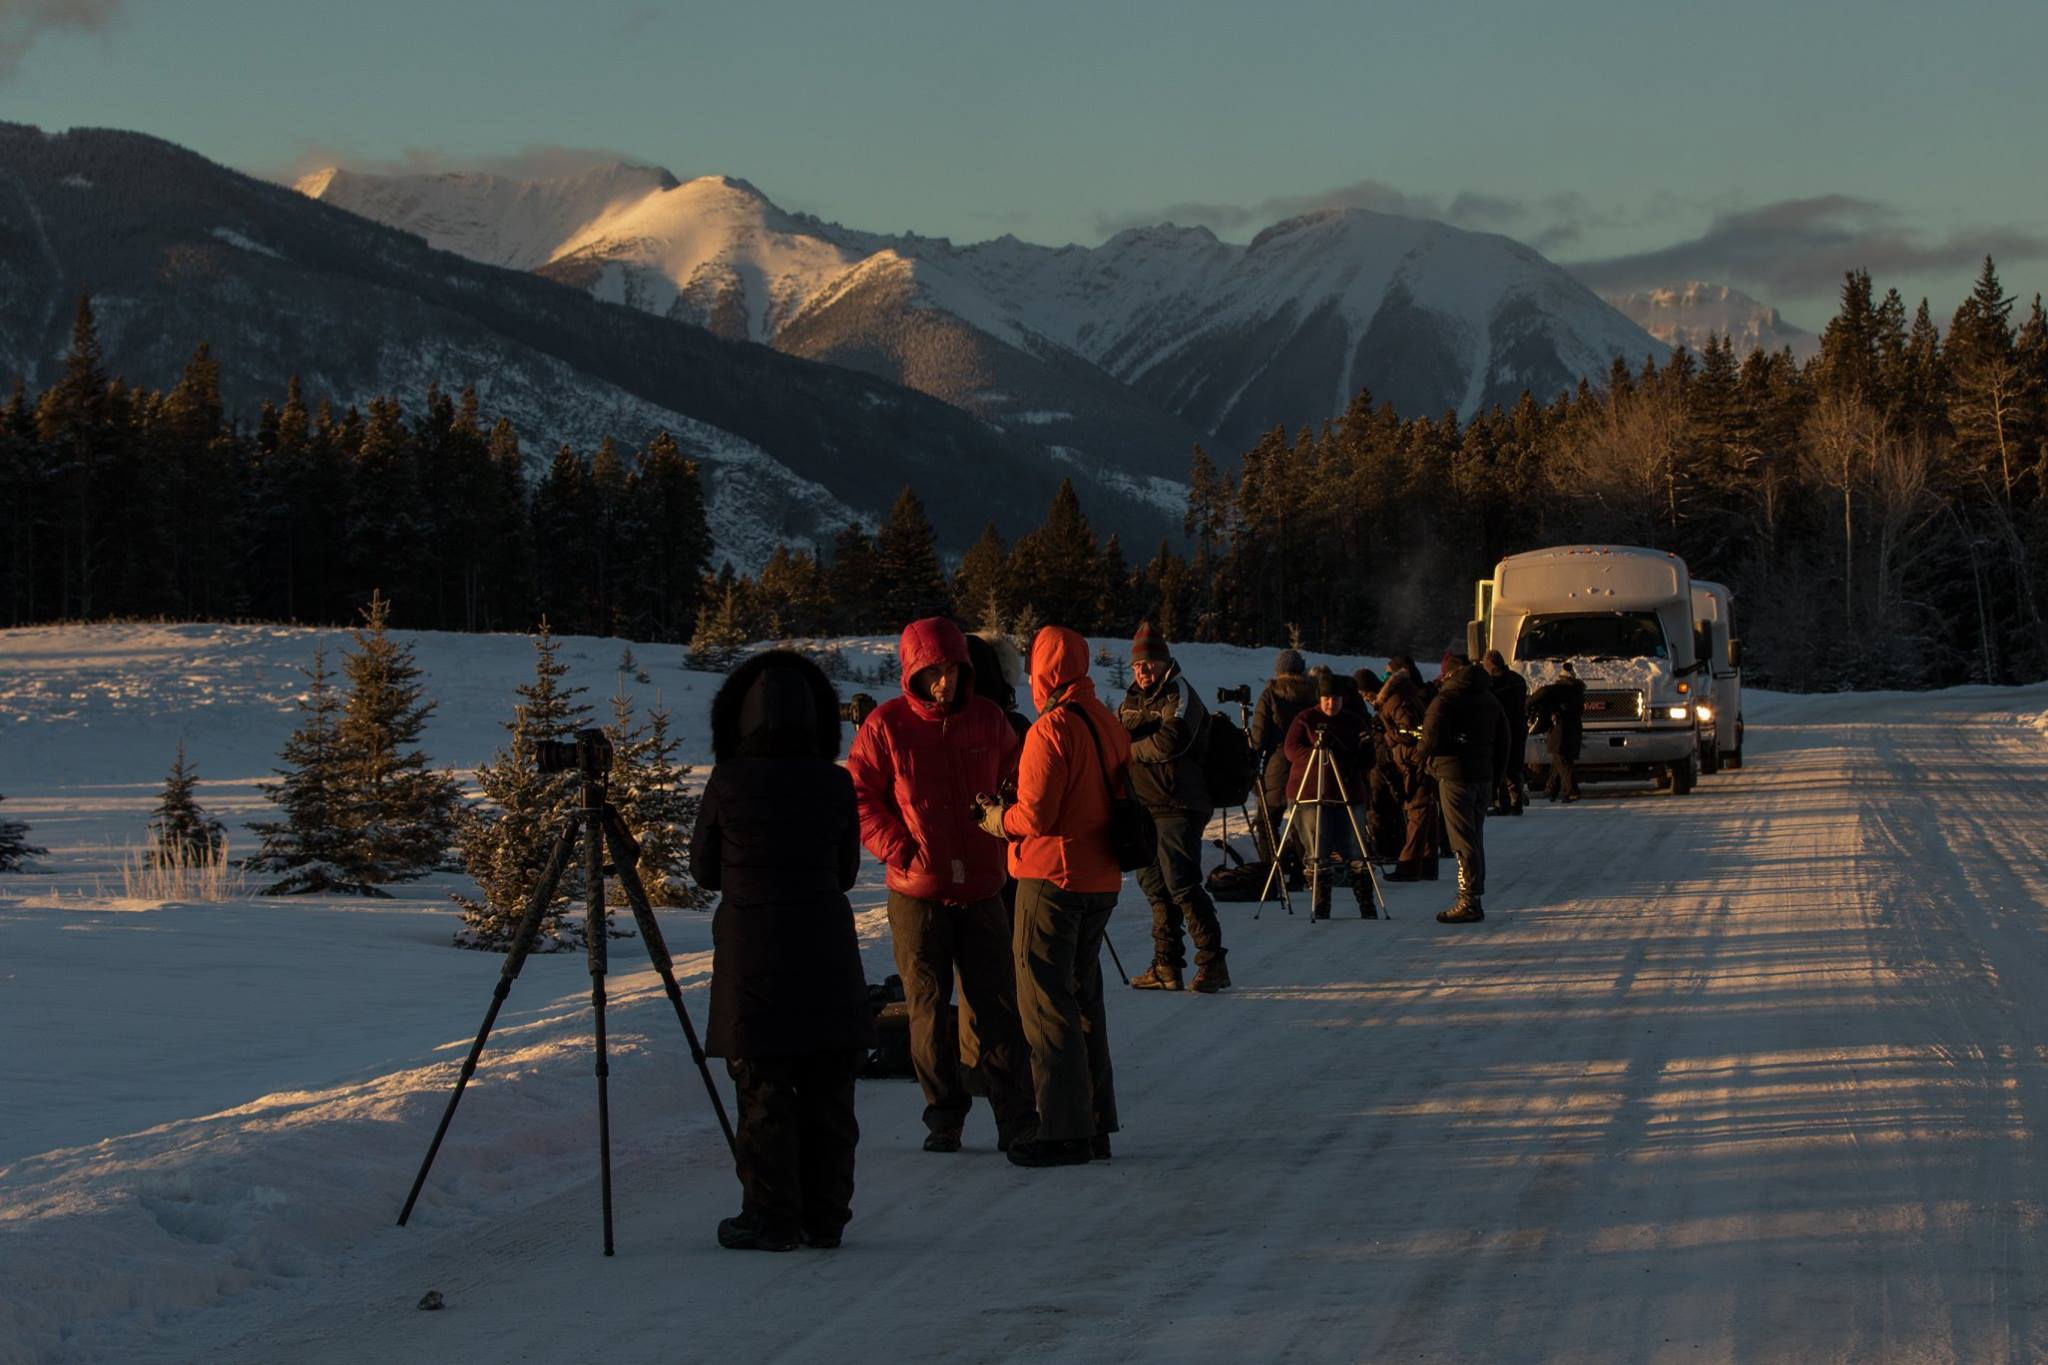 landscape photography event